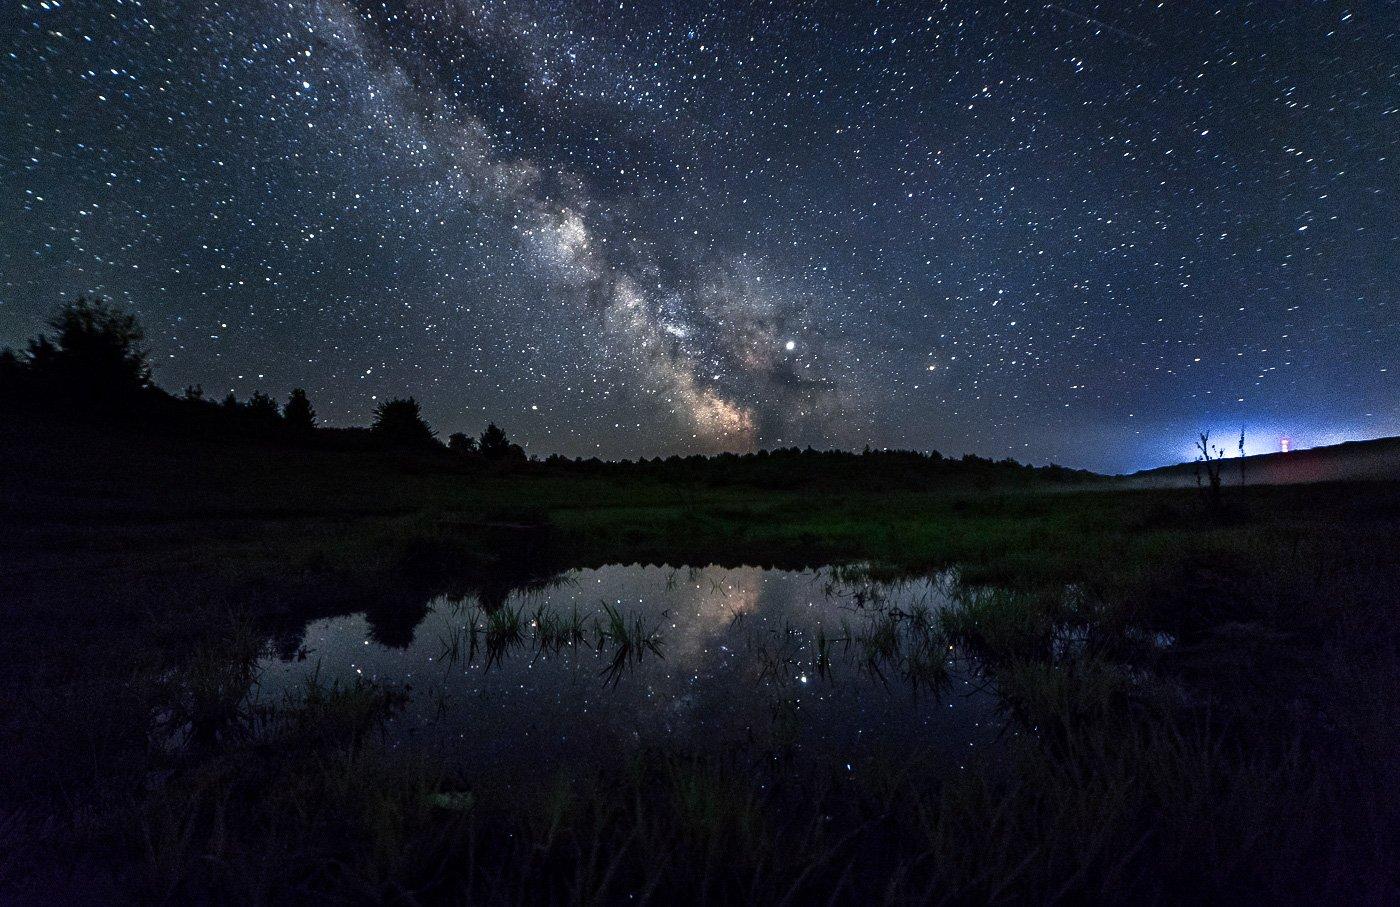 astrophoto, milky way, night, ночь, млечный путь, пейзаж, reflection, отражение, Юденков Алексей